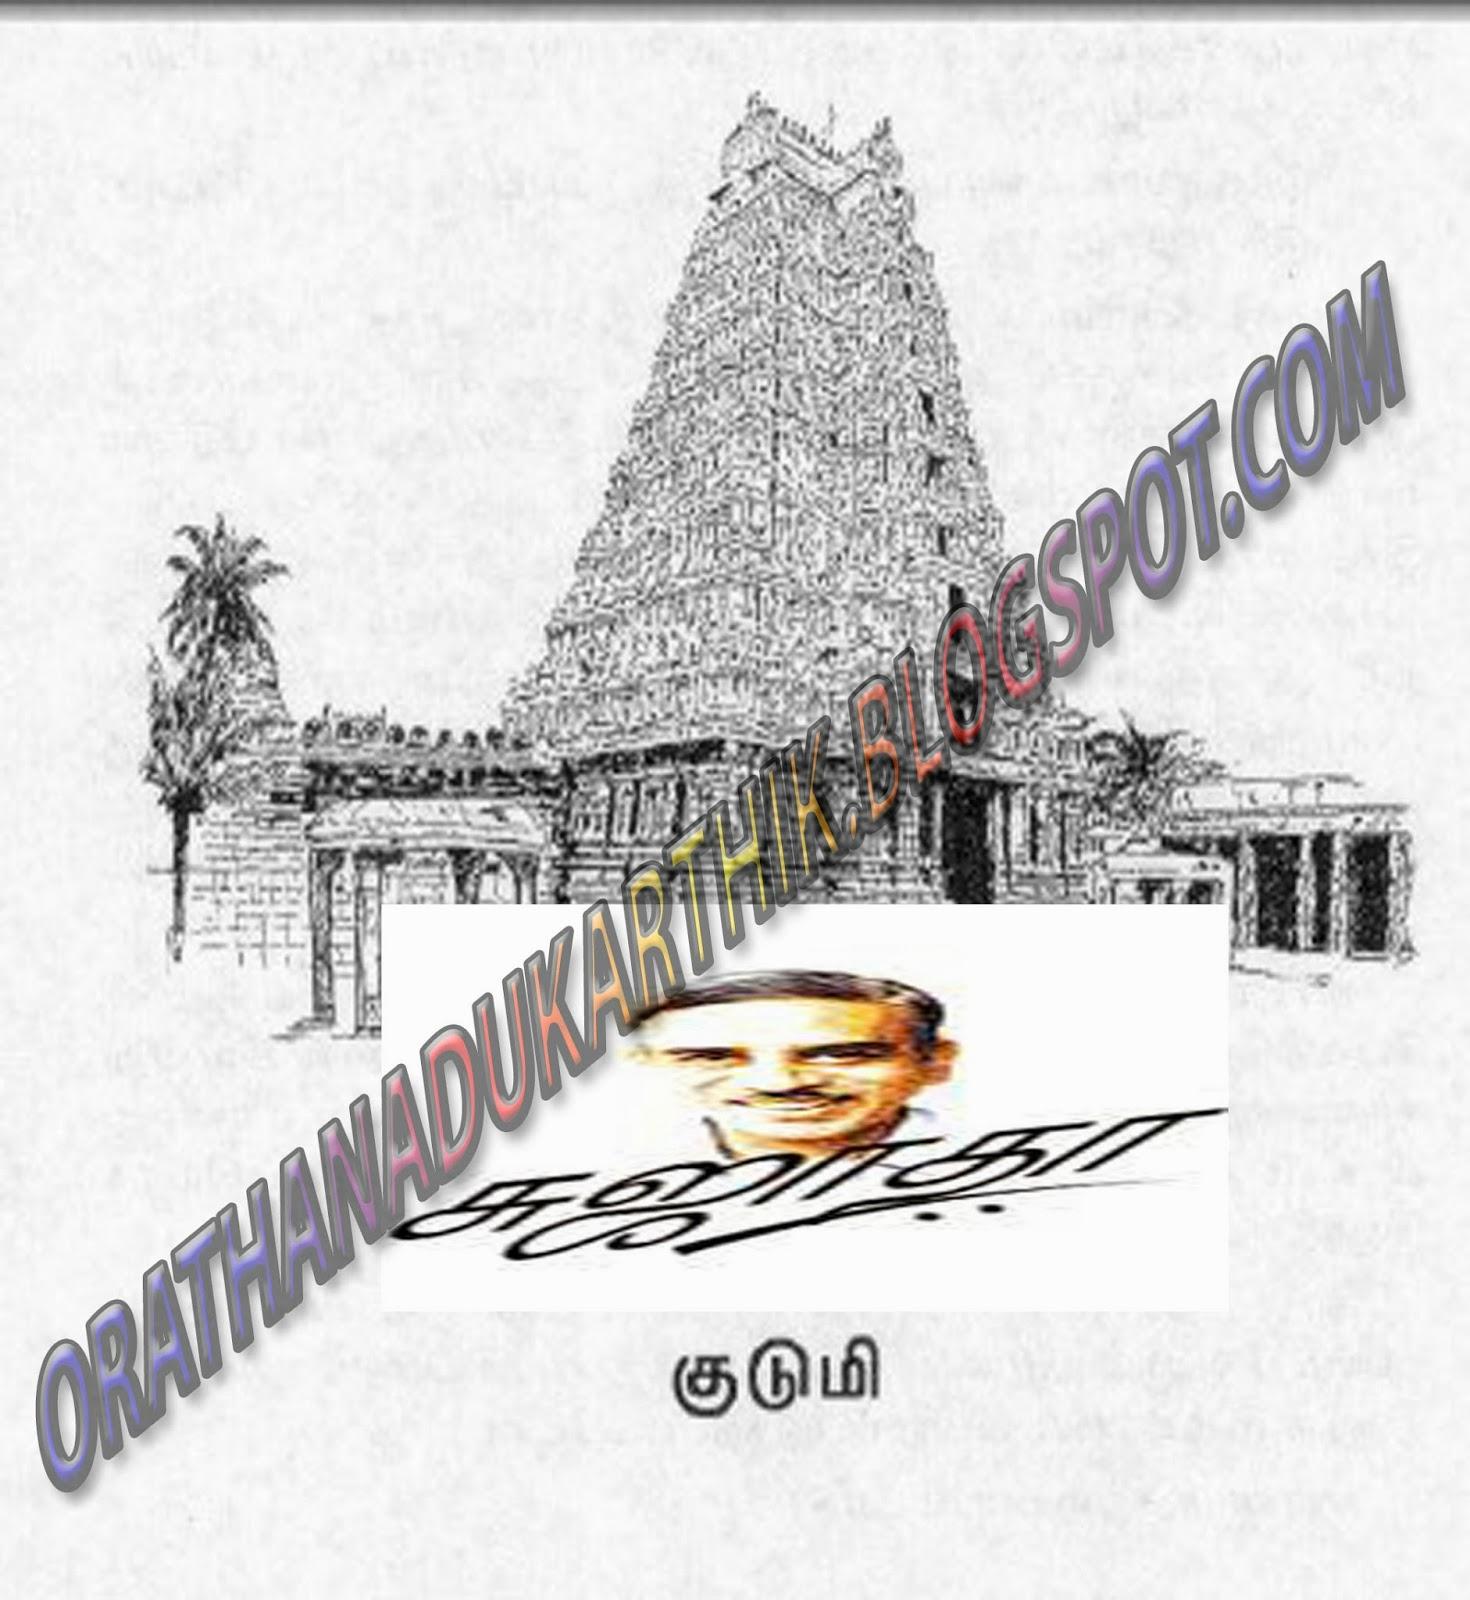 குடுமி -சுஜாதா சிறுகதை மின்னூல் வடிவில்  Untitled-1+copy